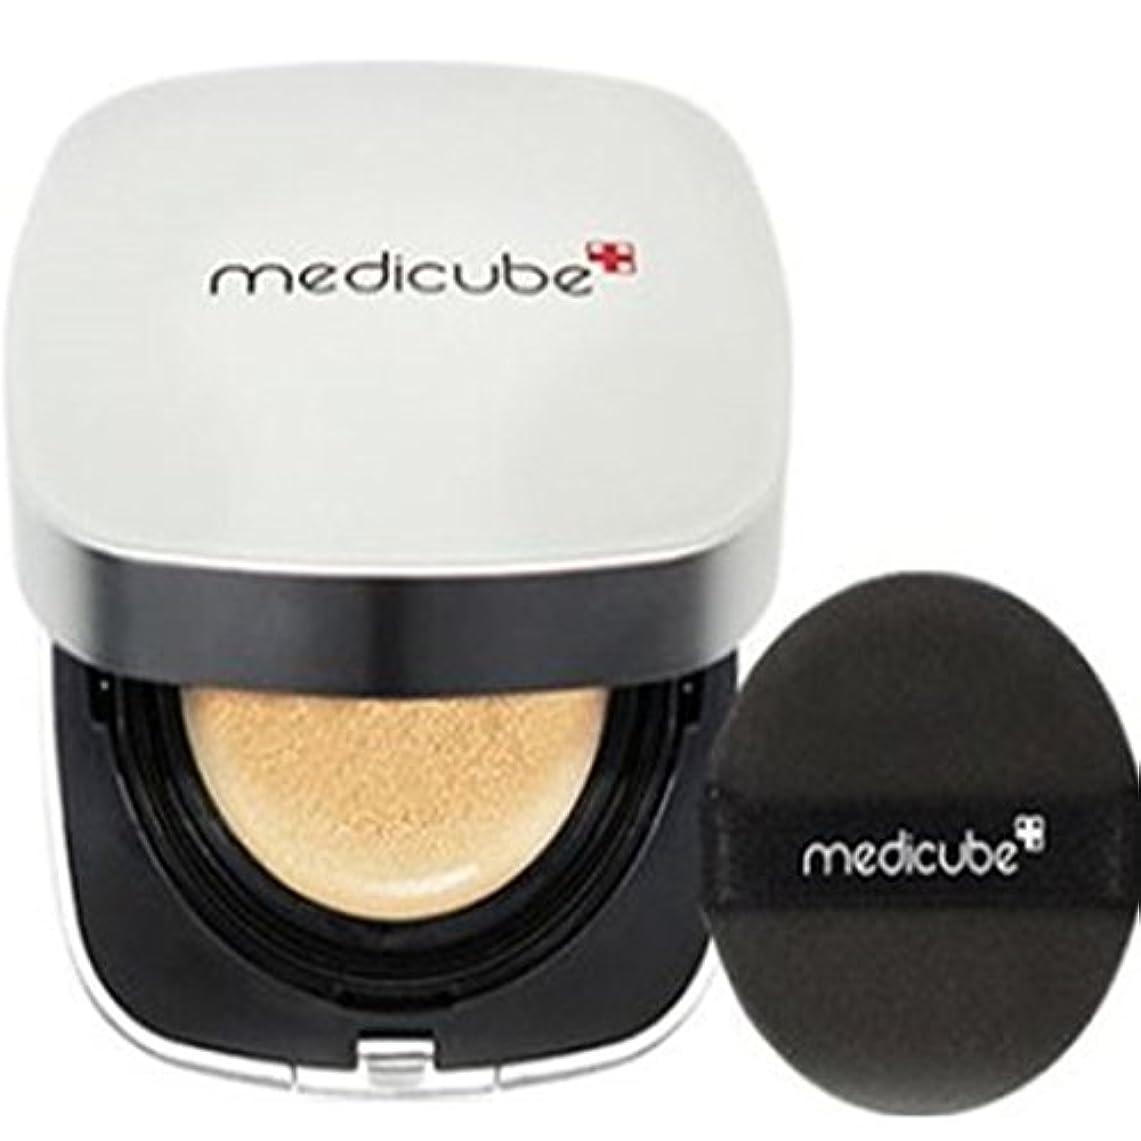 内向きインストラクター流出[Medicube メディキューブ] レッドクッション - シェード23号ナチュラルベージュ / Red Cushion - Shade 23 Natural Beige [並行輸入品]